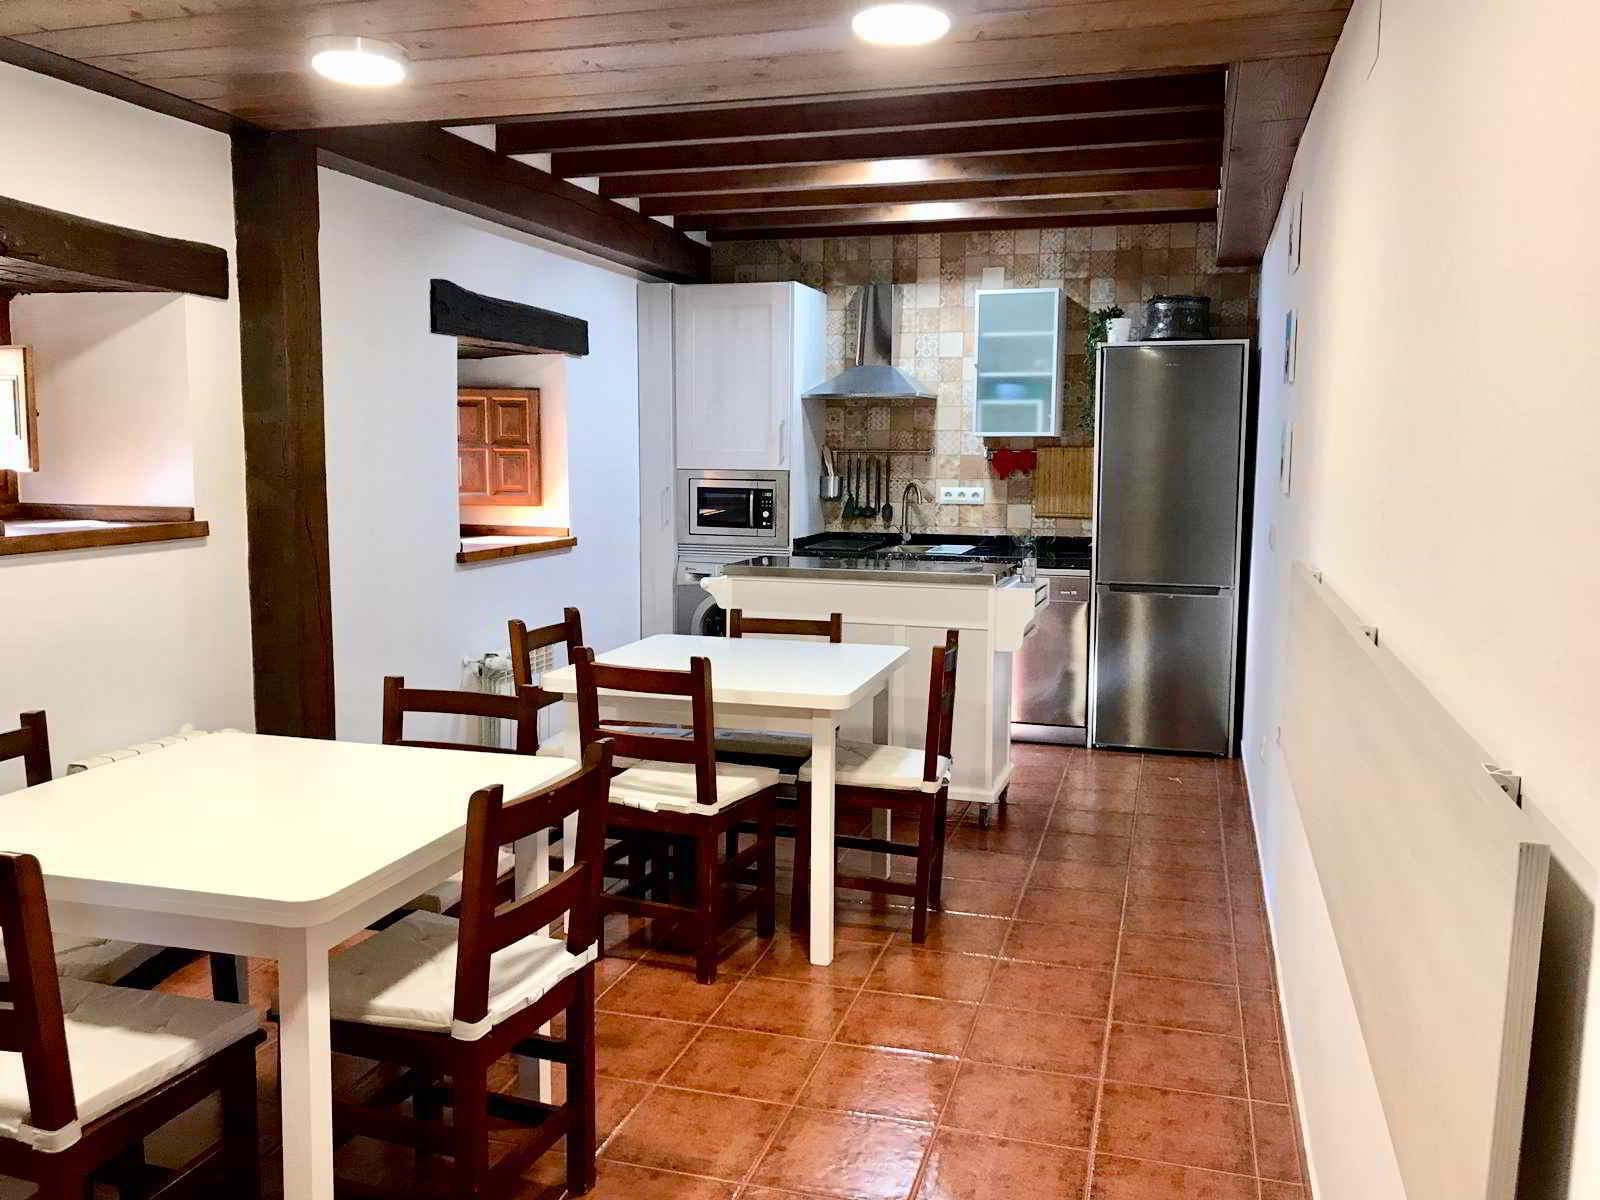 cocina compartida-alojamiento-cantabria